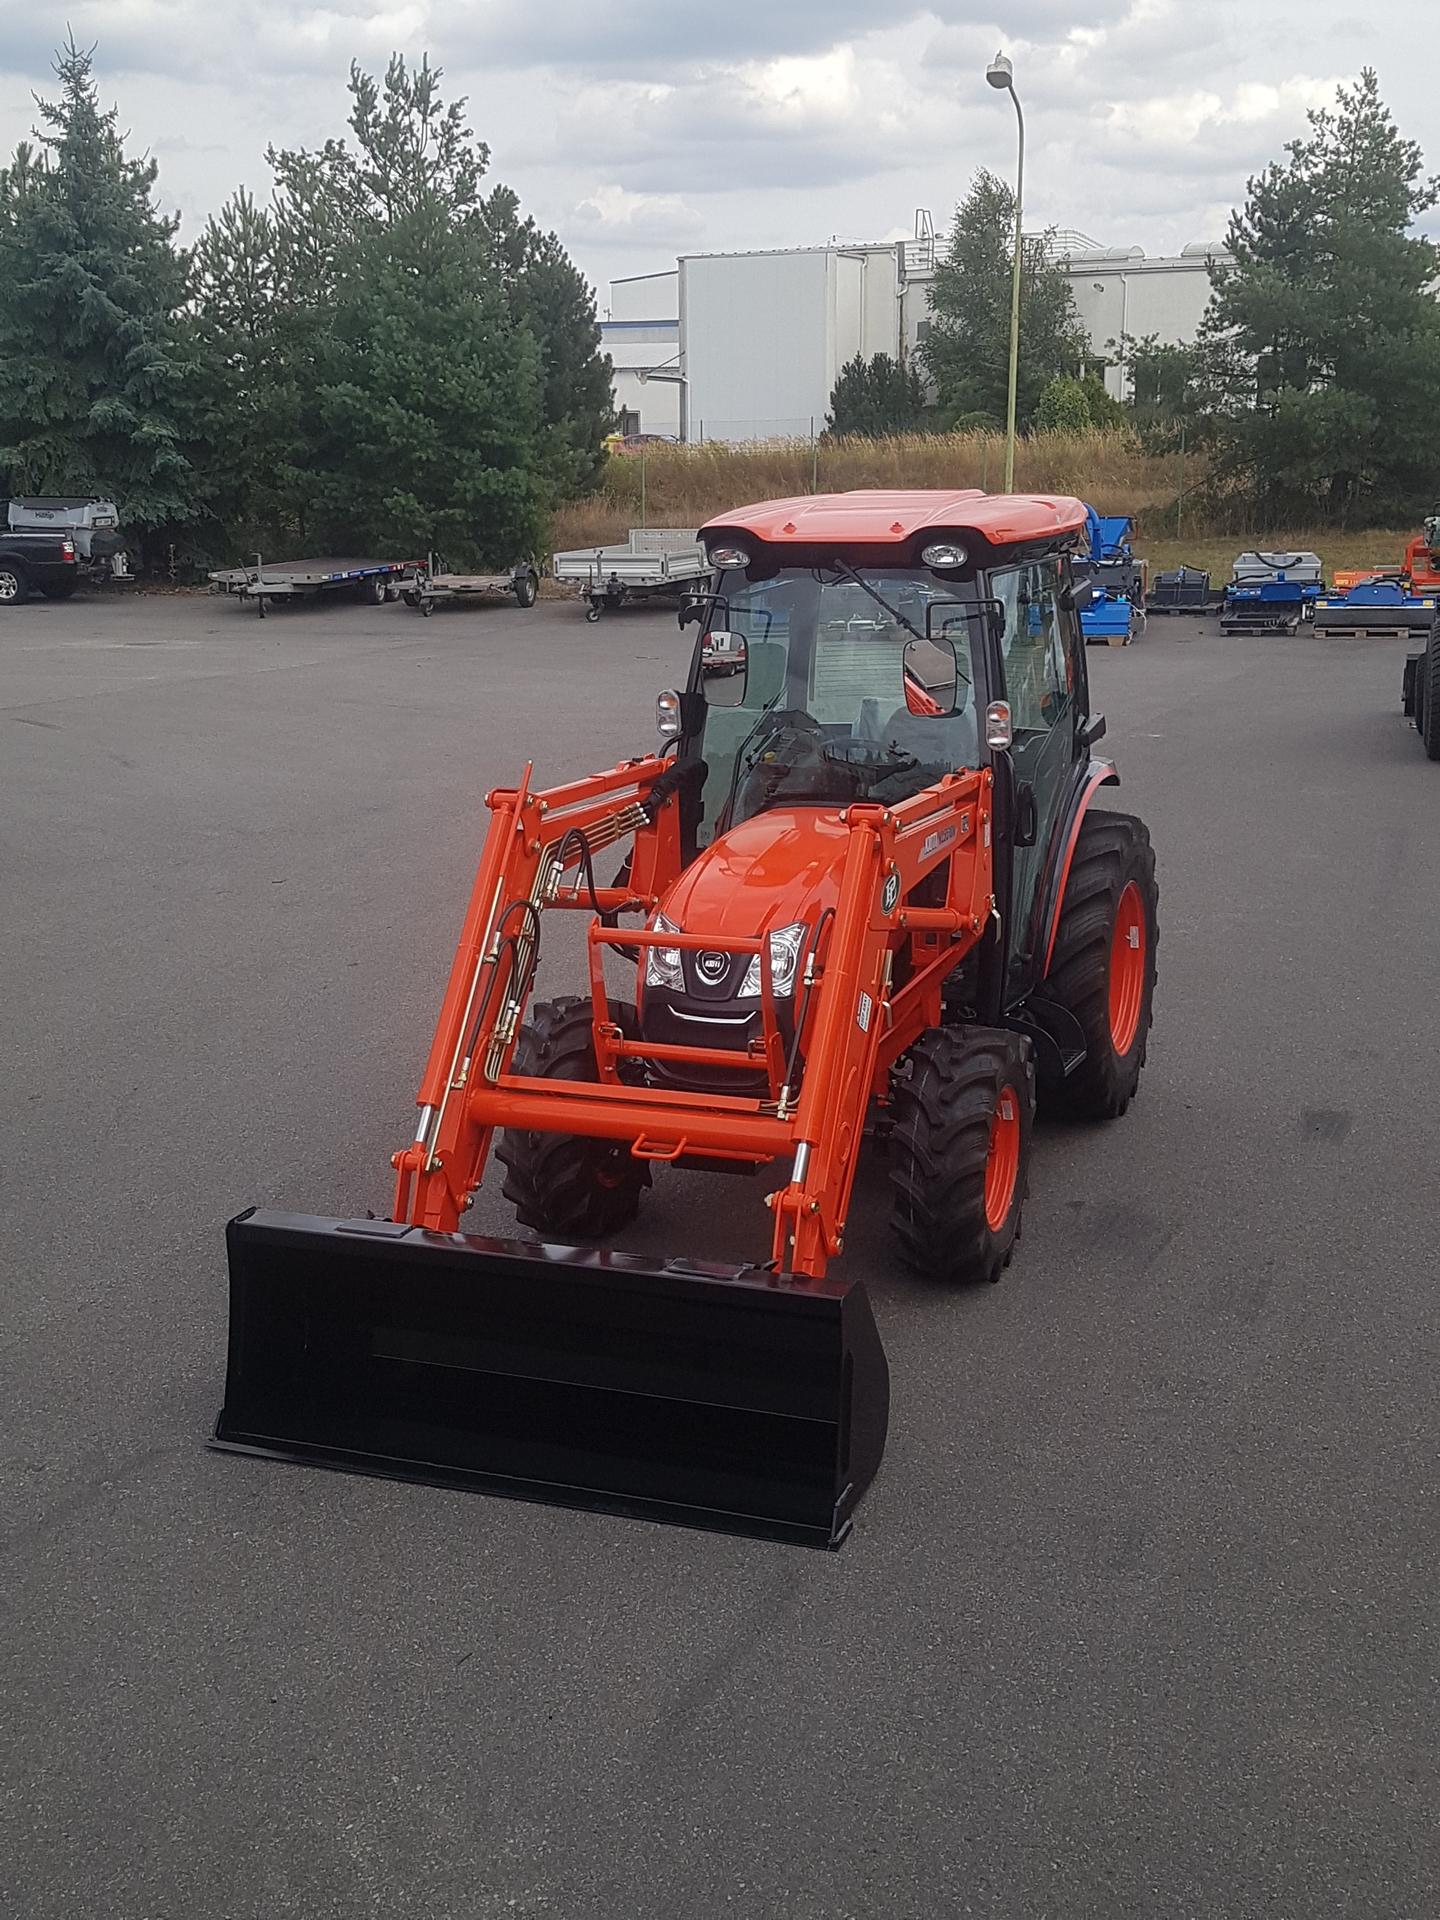 Traktor-Kioti-DK6010-s-celnim-nakladacem1.jpg